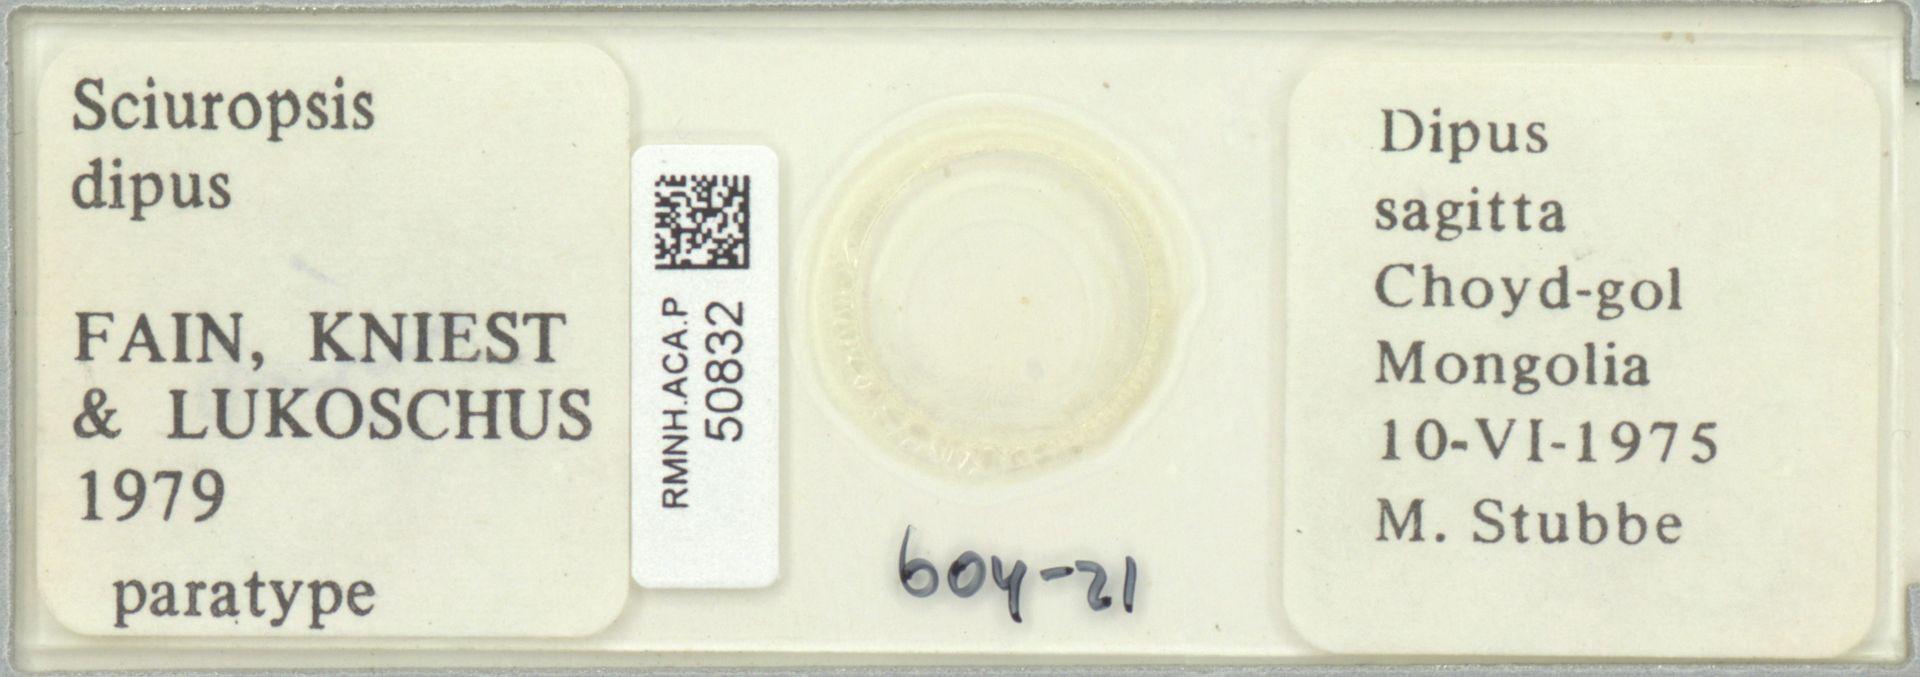 RMNH.ACA.P.50832   Sciuropsis dipus Fain, Kniest & Lukoschus 1979